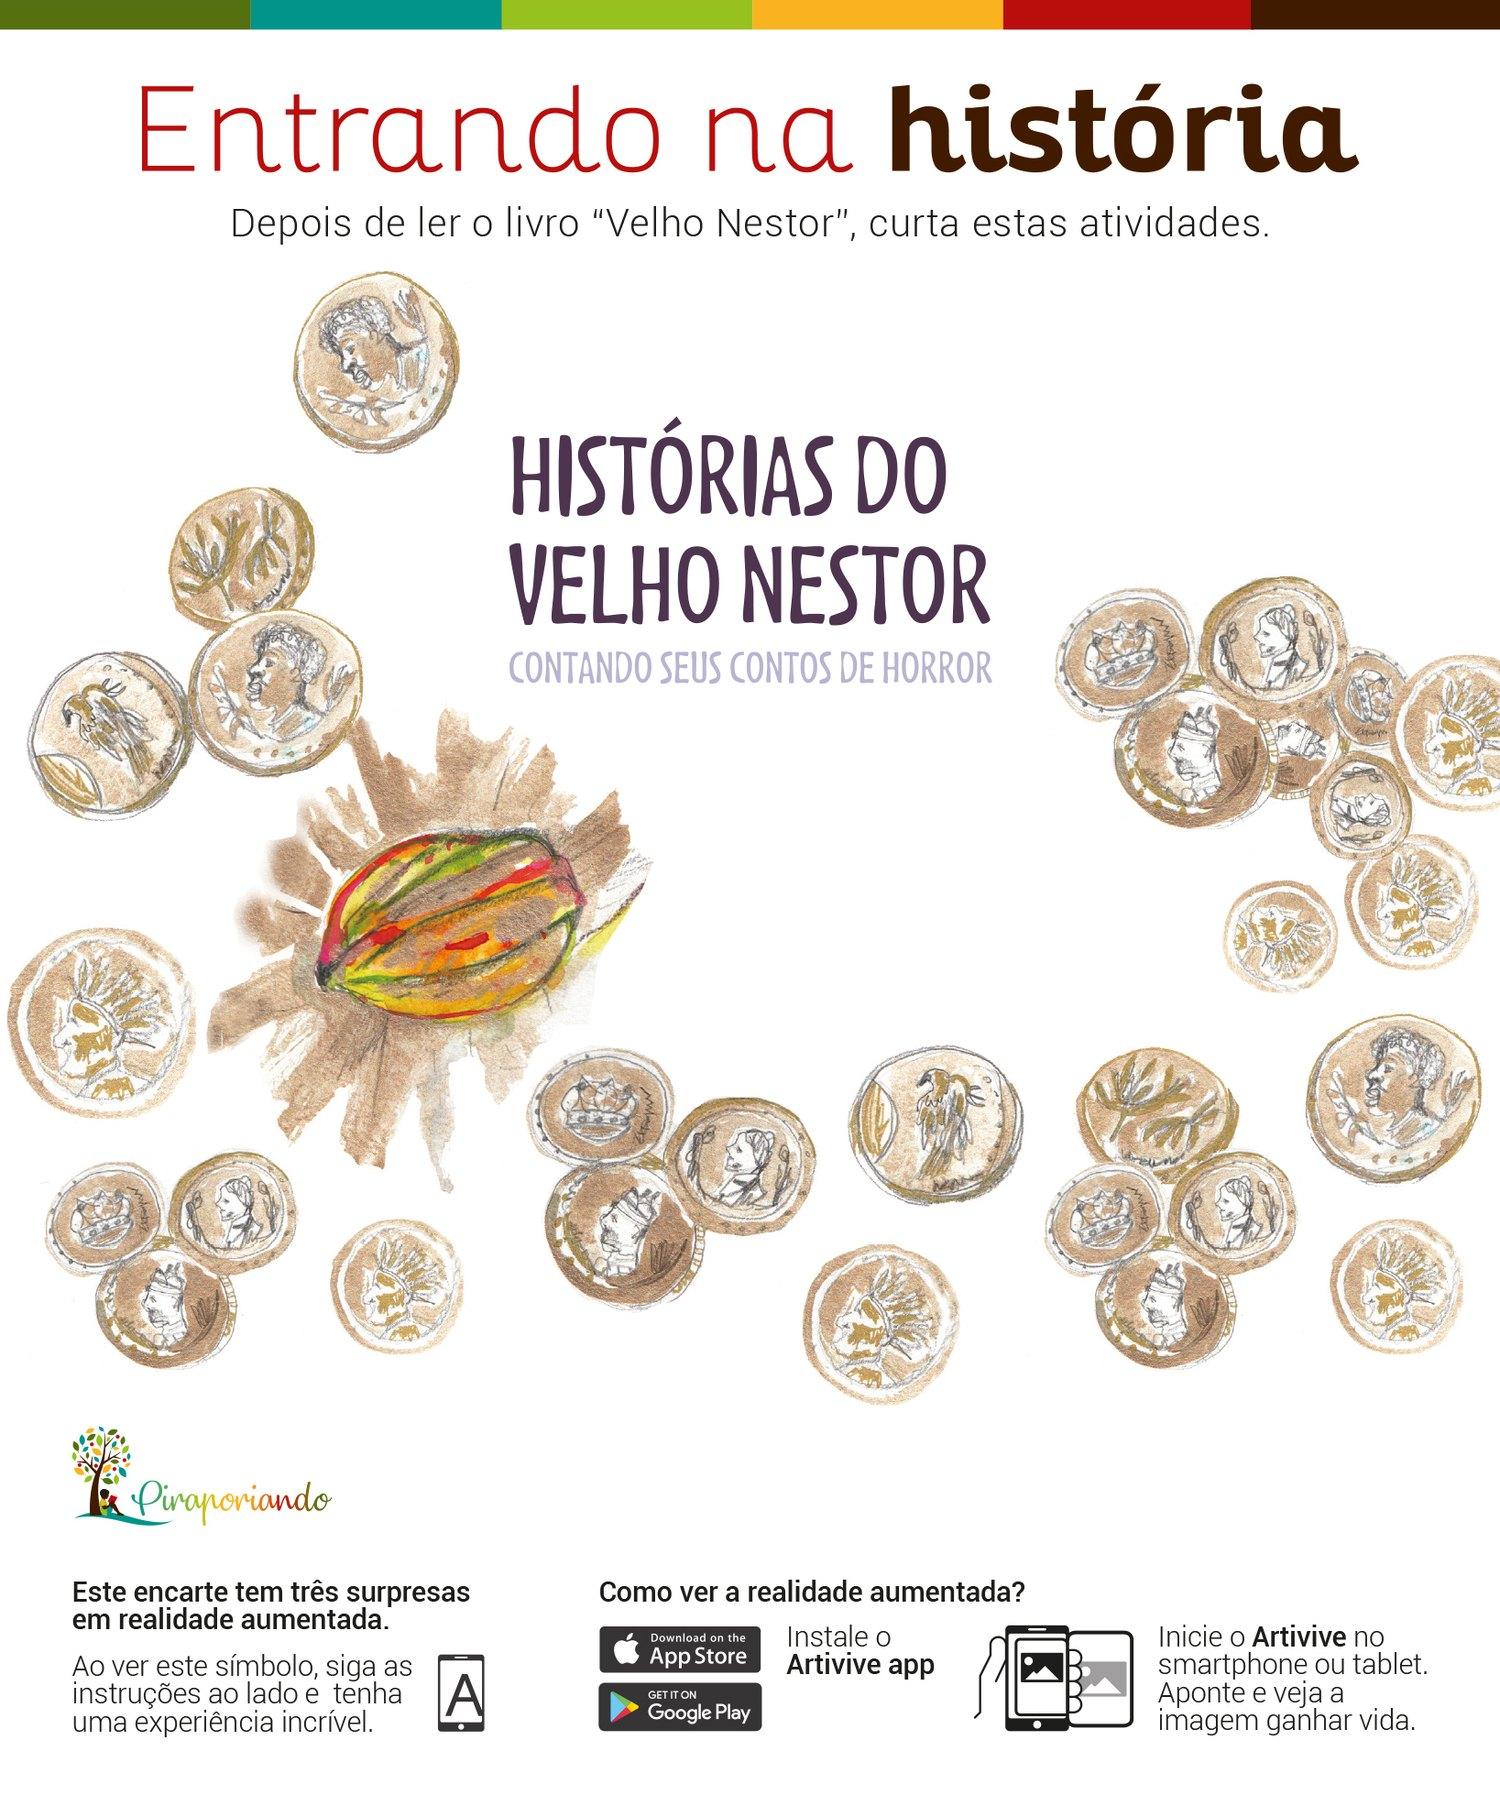 Histórias do velho Nestor, Contando Seus Contos de Horror - Encarte de Atividades